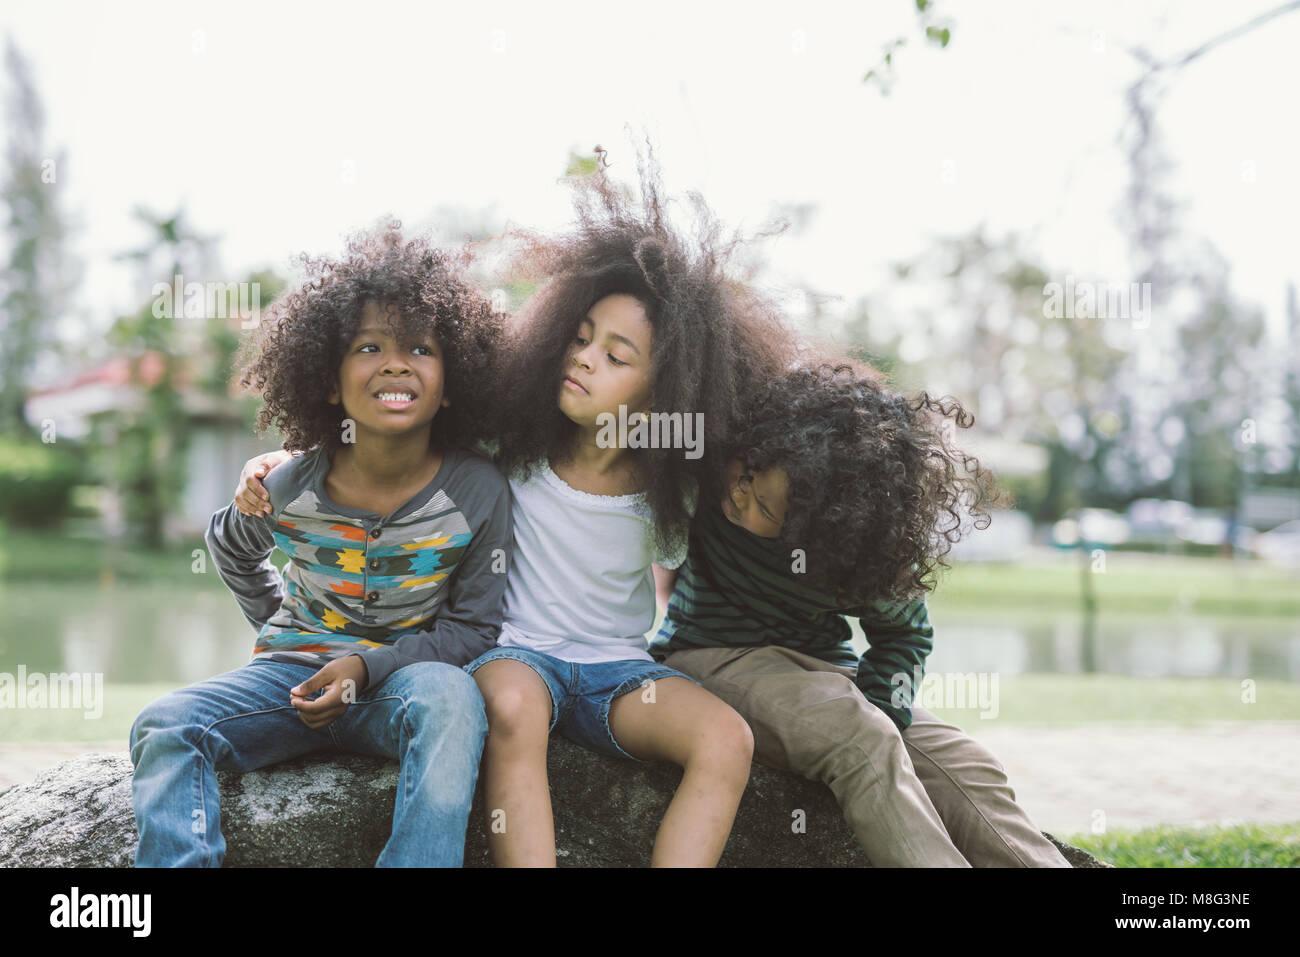 Kinder Freundschaft miteinander Lächeln Glück Konzept. Cute afrikanische amerikanische kleine Jungen und Mädchen umarmen sich in park Stockfoto